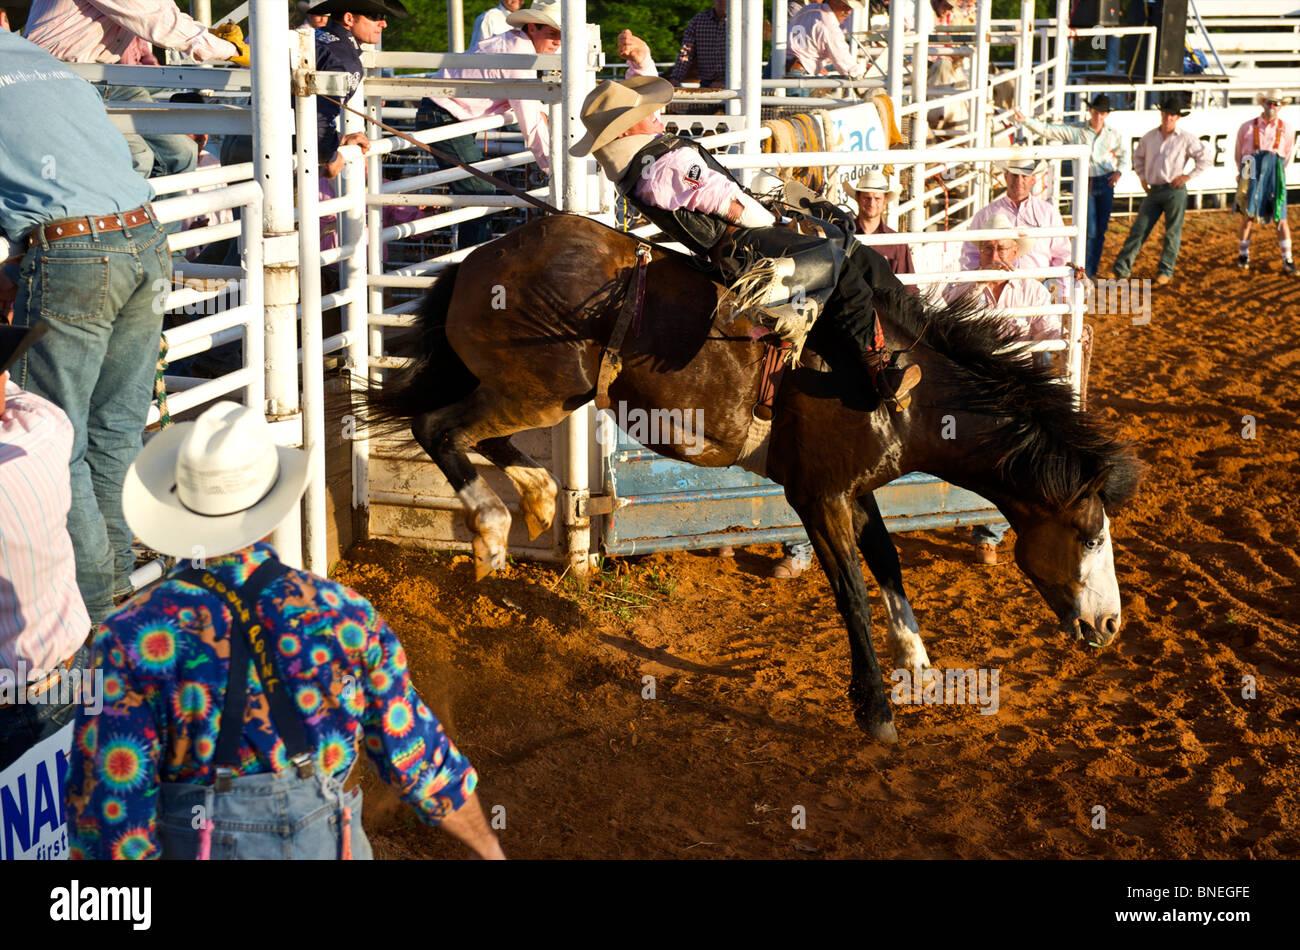 Membre de l'érythroblastopénie Cowboy rodeo tente d'équilibre sur le cheval à Petite-ville Bridgeport, Connecticut Banque D'Images